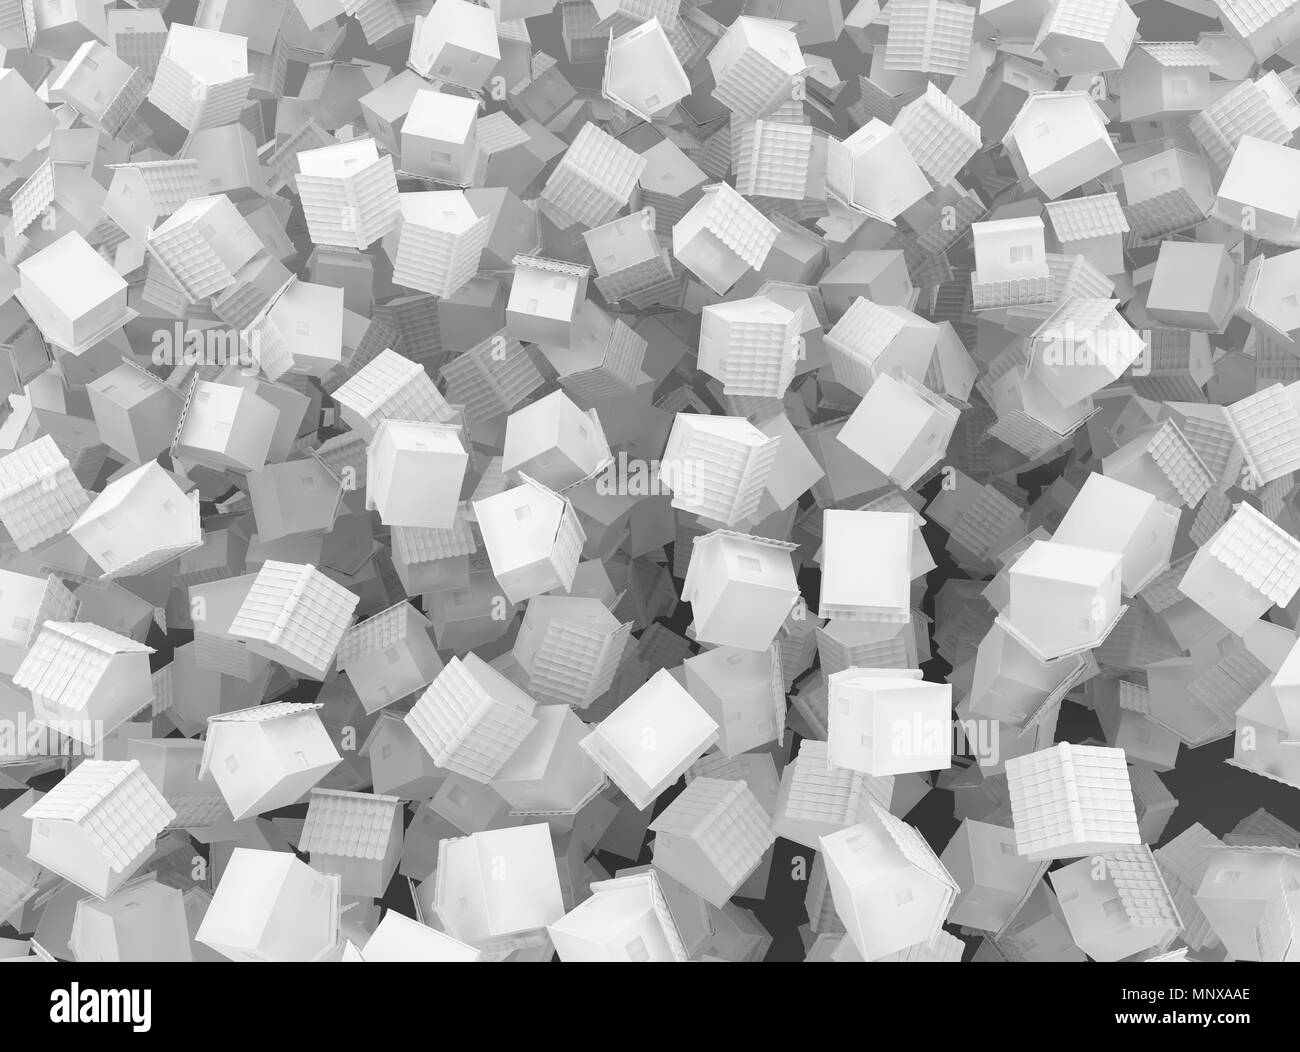 Les petits cottages blancs d'éparpillement chaotique, 3d illustration, l'arrière-plan l'horizontale Photo Stock